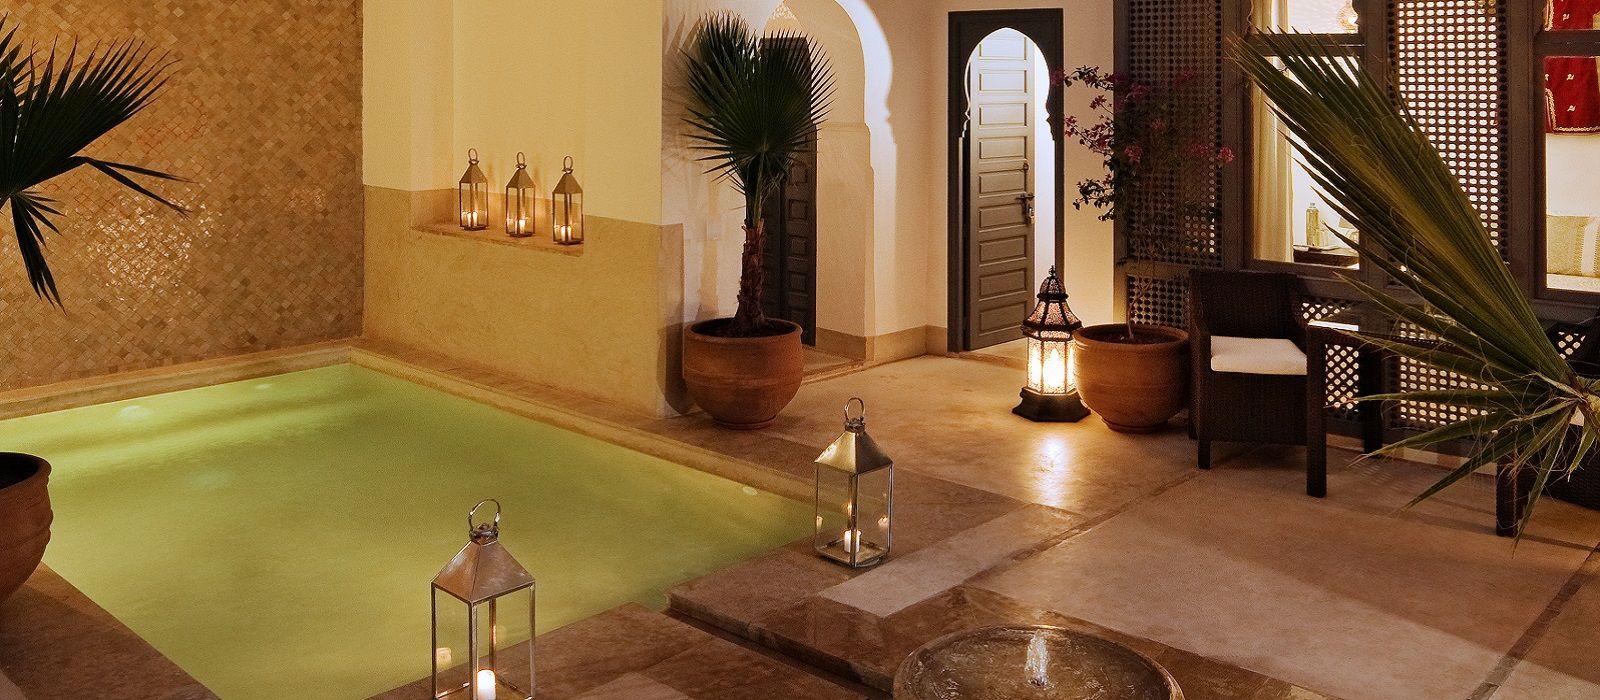 Hotel Riad Adore Morocco